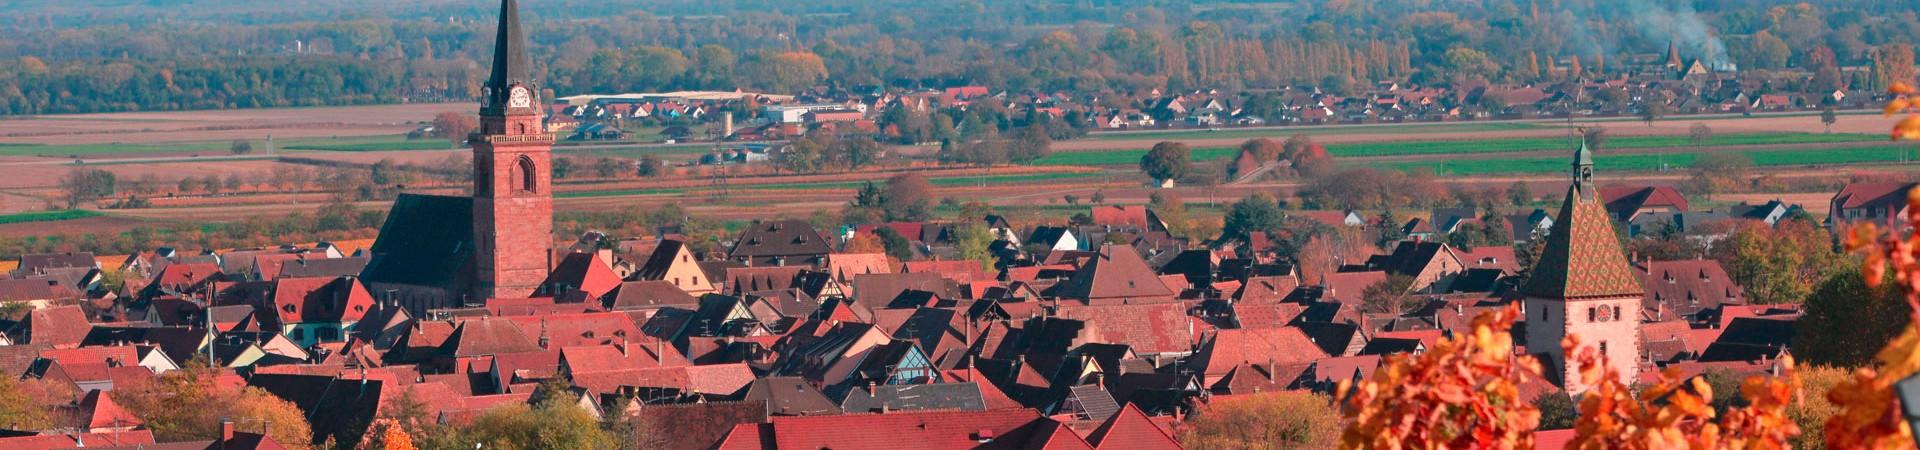 Village de Bergheim et son vignoble, sur la route des vins d'Alsace